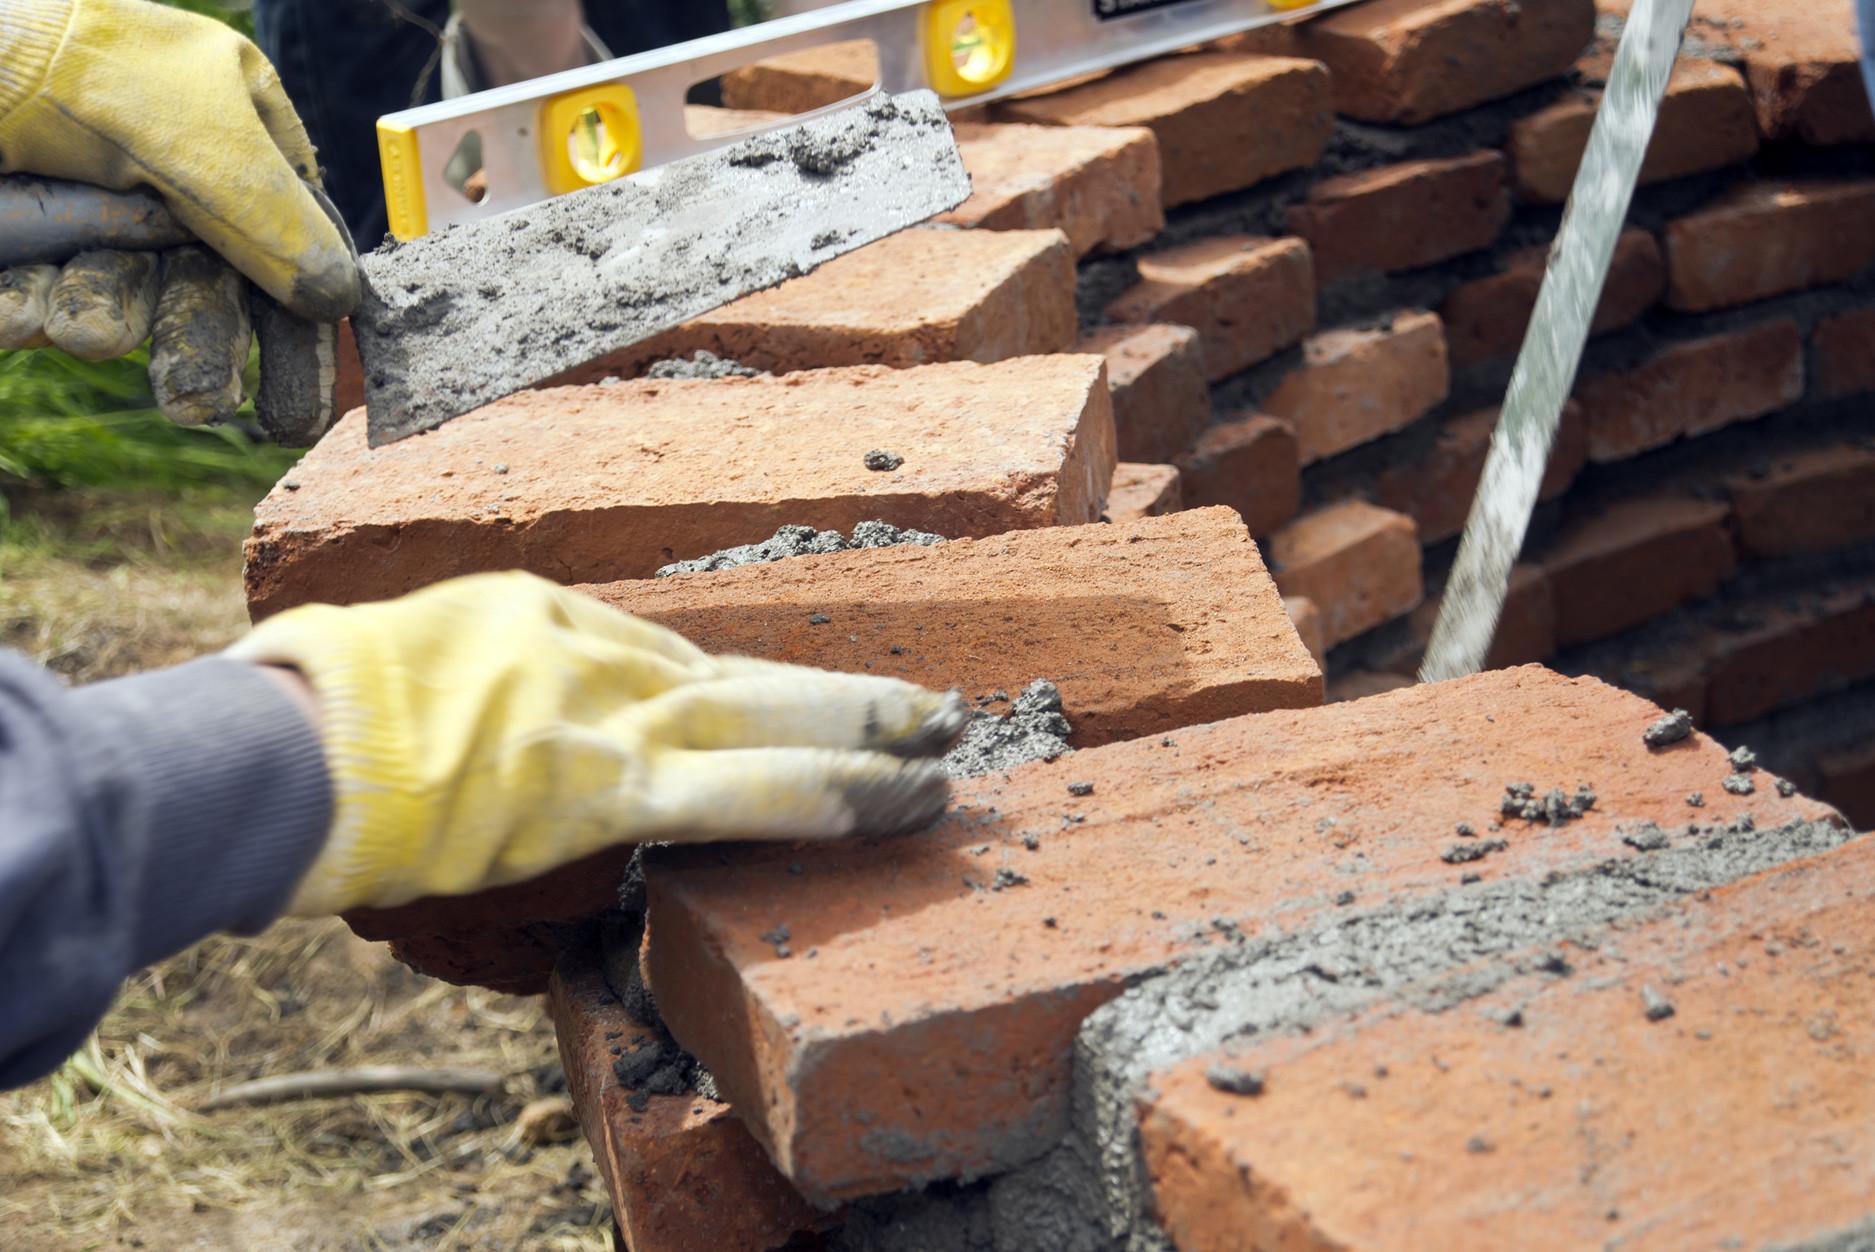 Construcción. Image Cortesia de Valeska Cirano